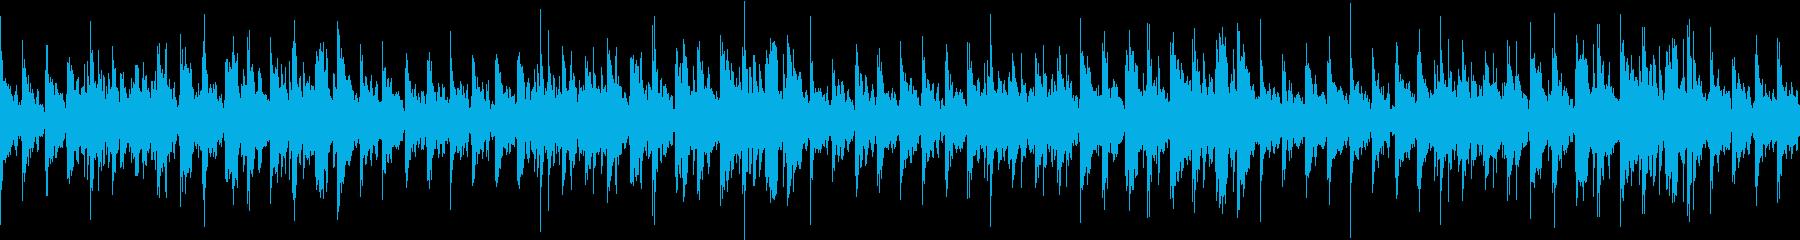 ミニマル、爽やかなエレクトロニカループの再生済みの波形